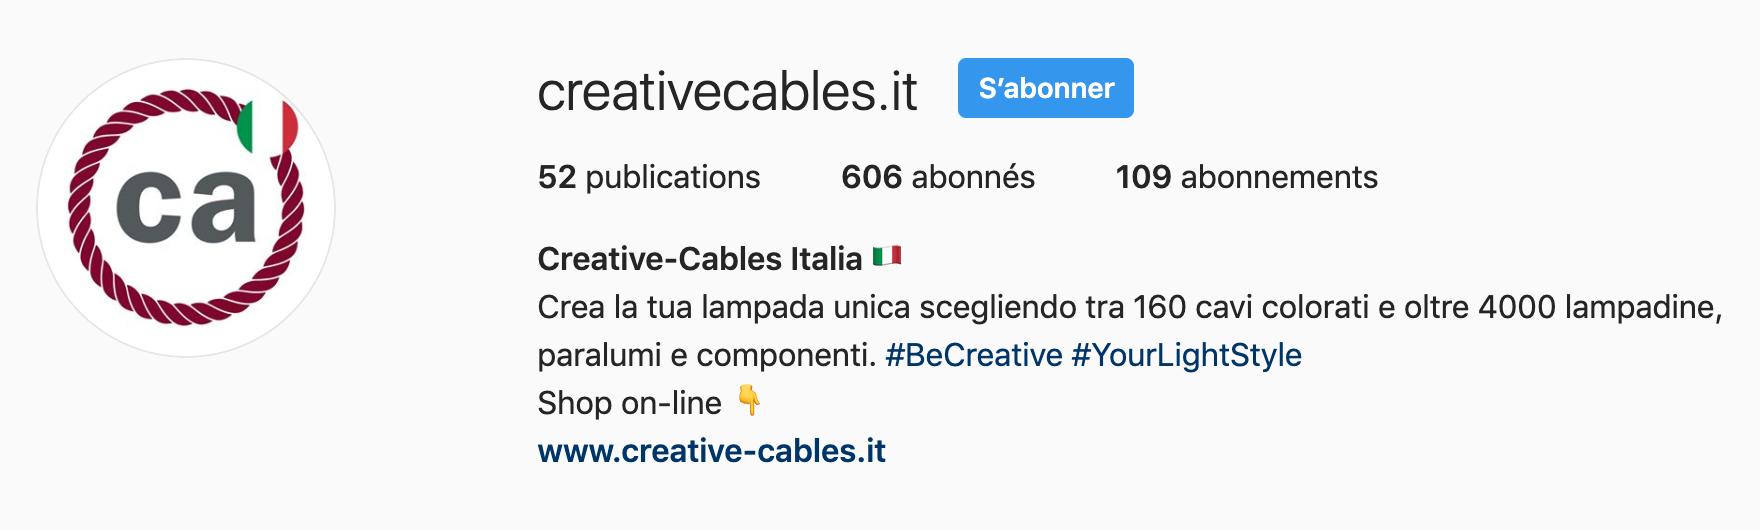 Biografia Instagram di Creative-Cables Italia